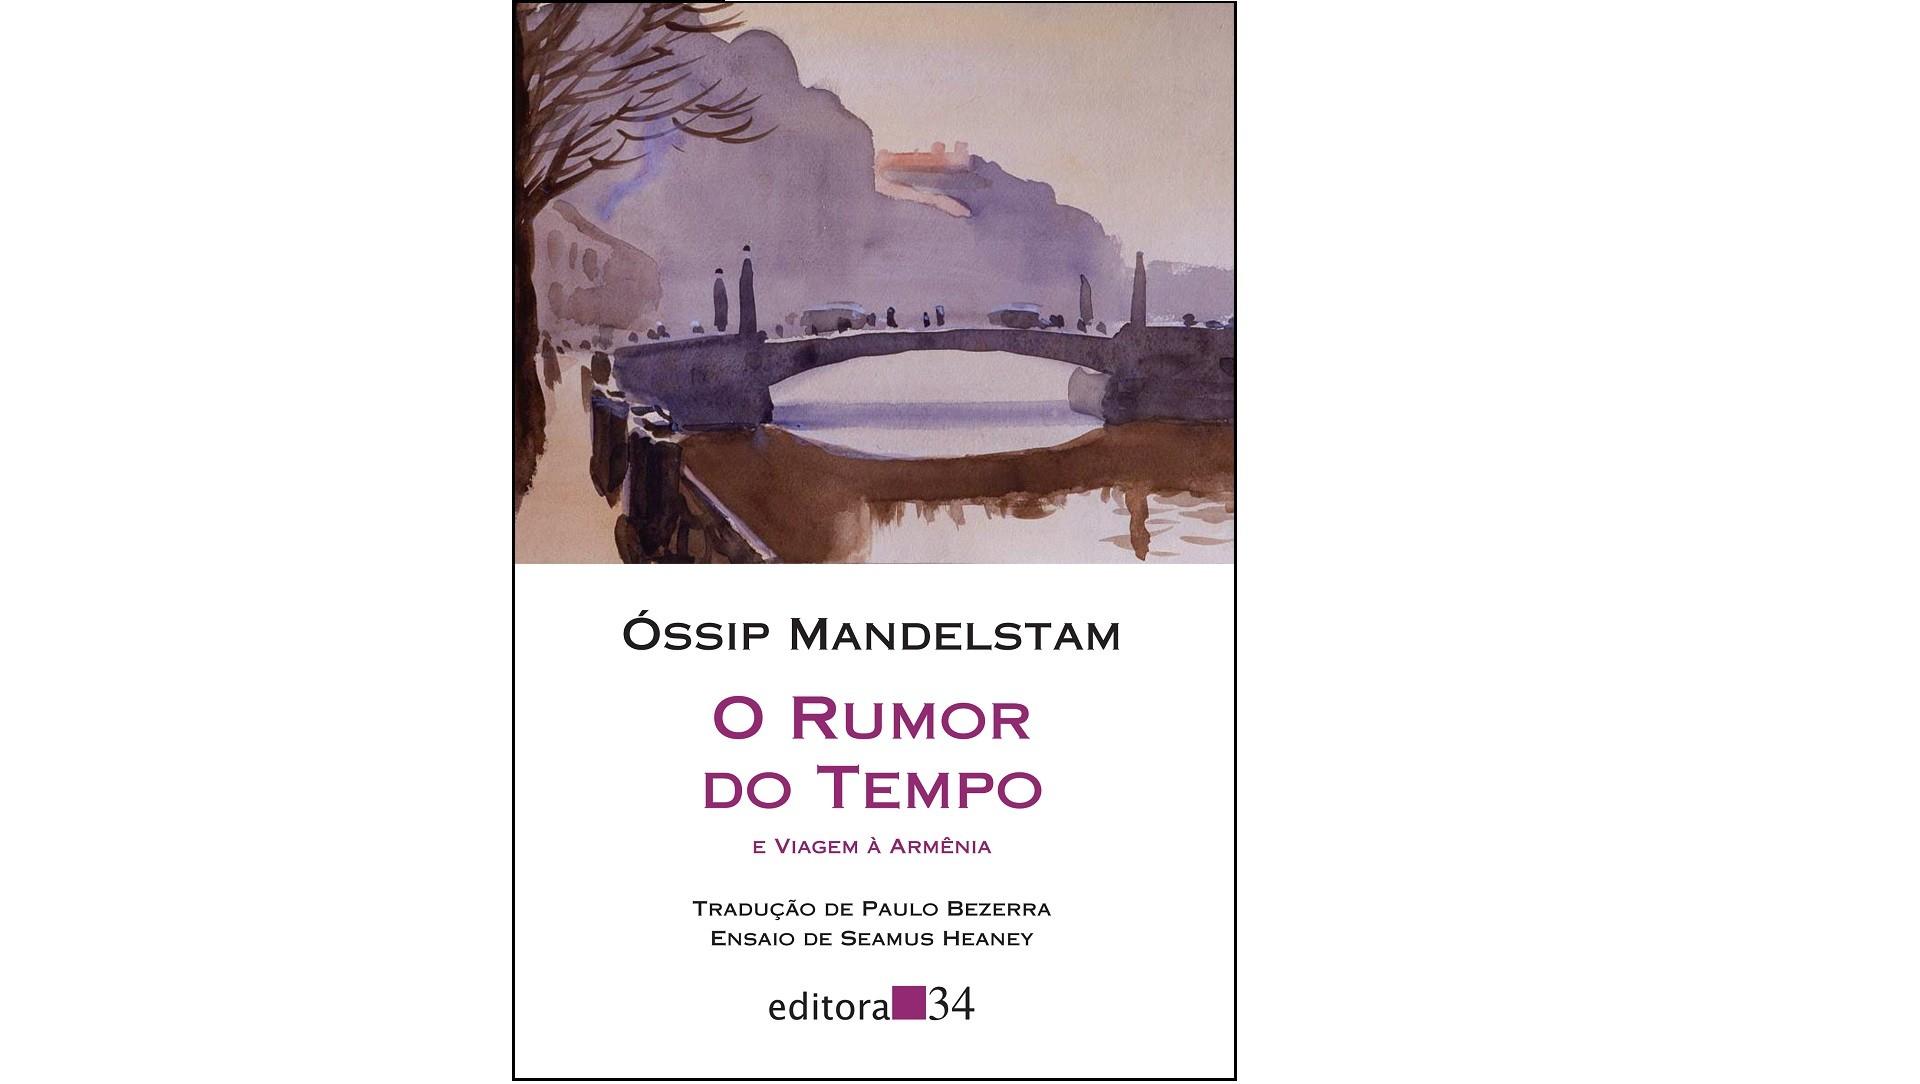 Paulo Bezerra, um dos pioneiros da tradução direta do russo no Brasil, foi responsável por verter a obra.